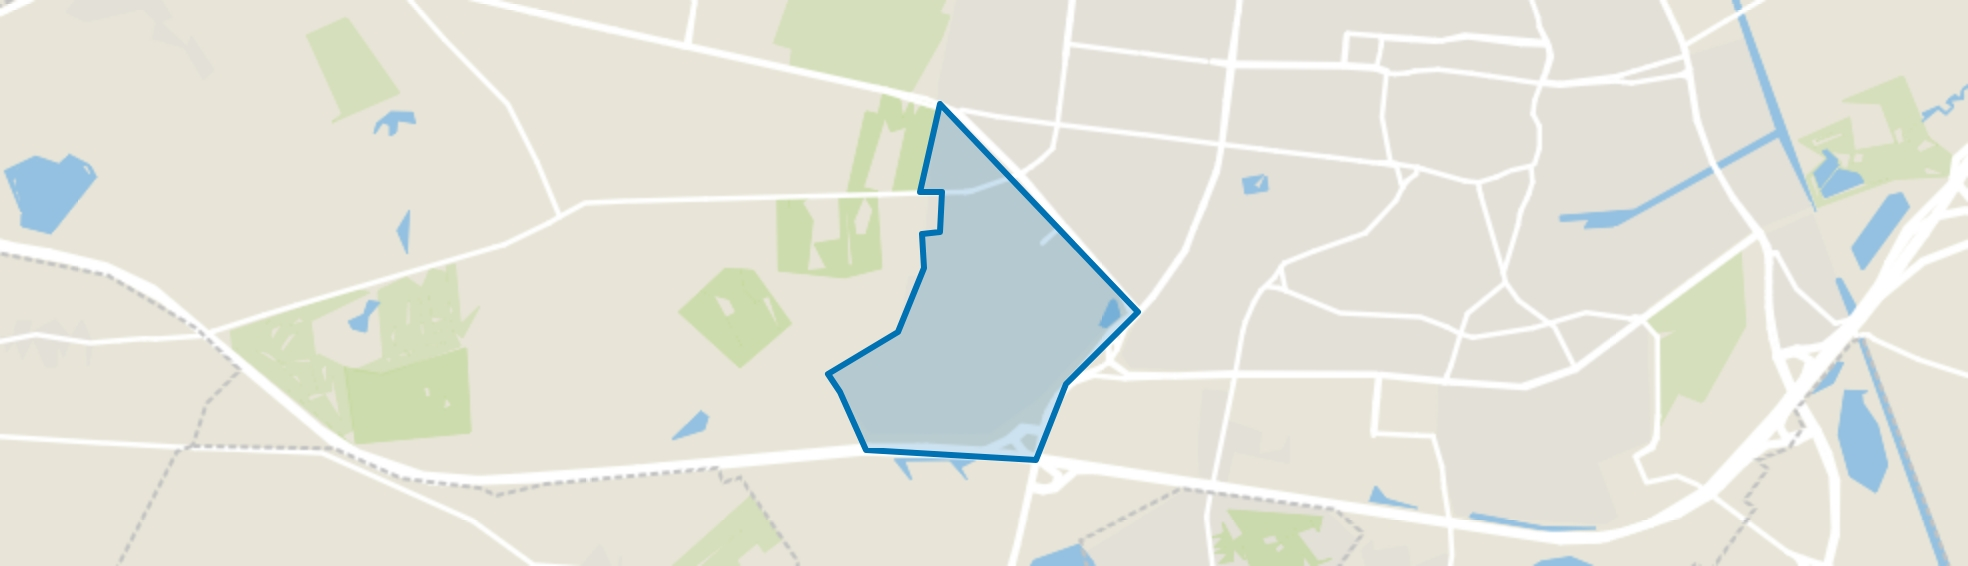 De Blaak, Tilburg map